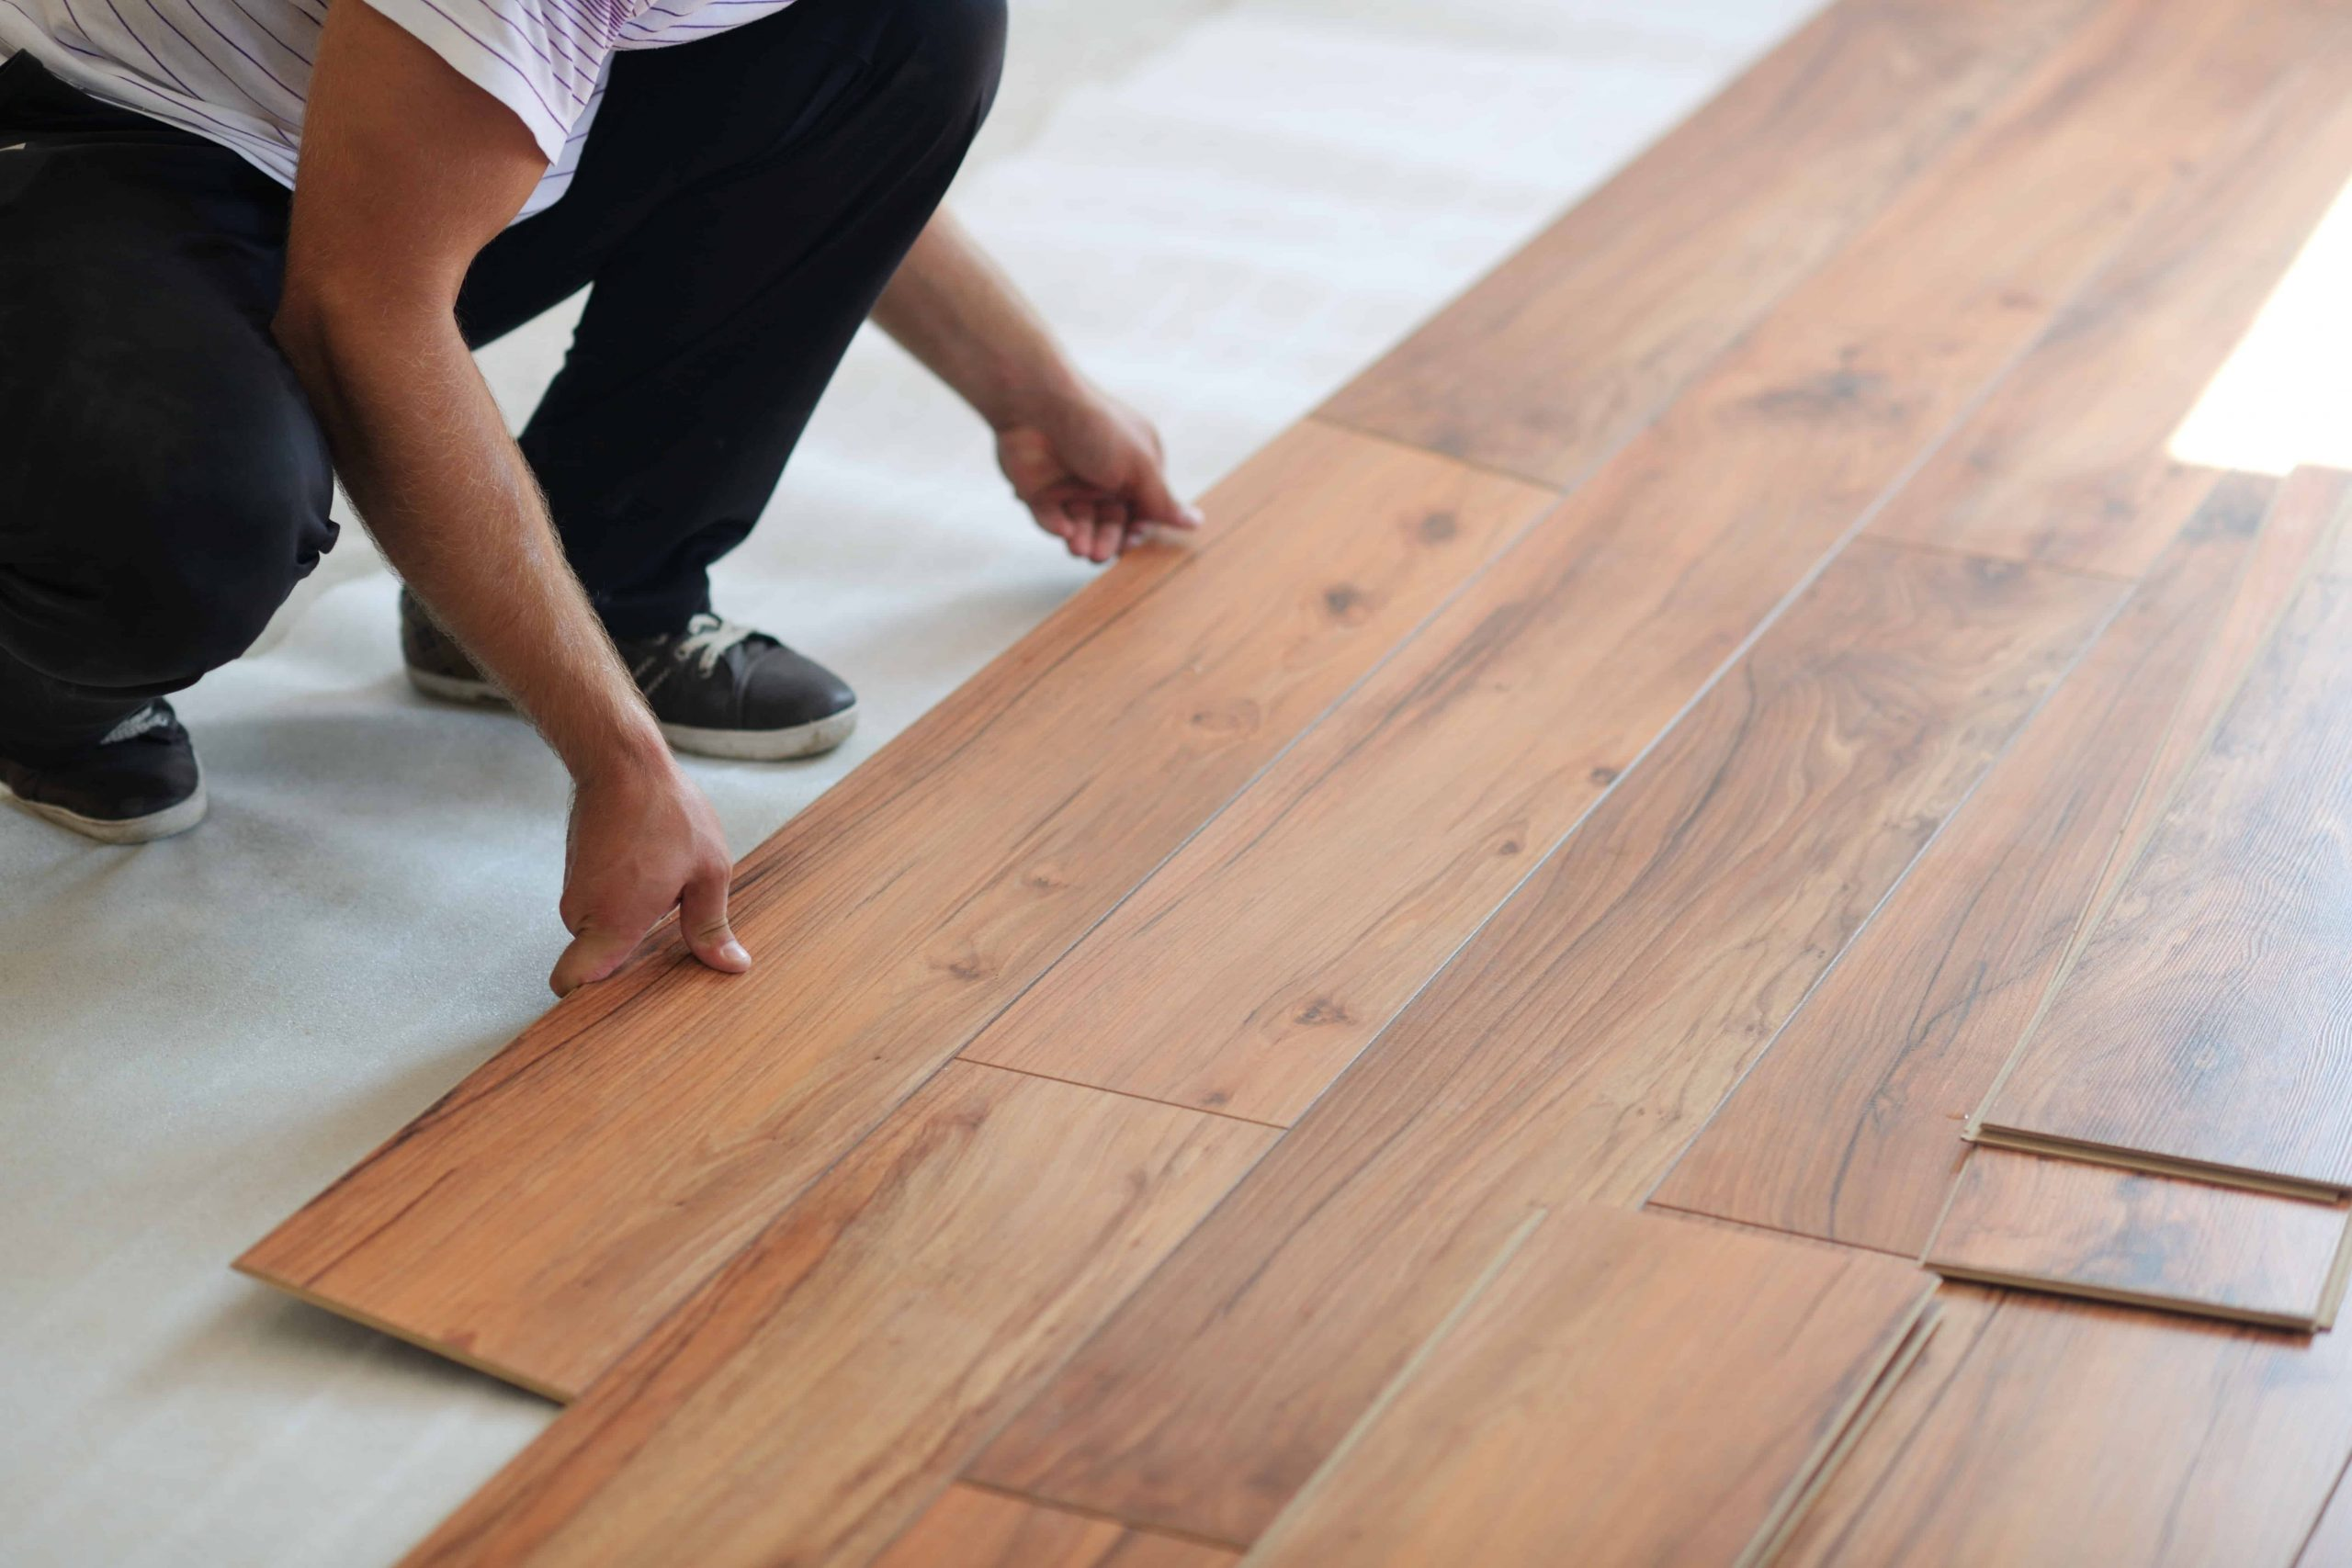 Fußbodenbelag: Test & Empfehlungen (12/20)